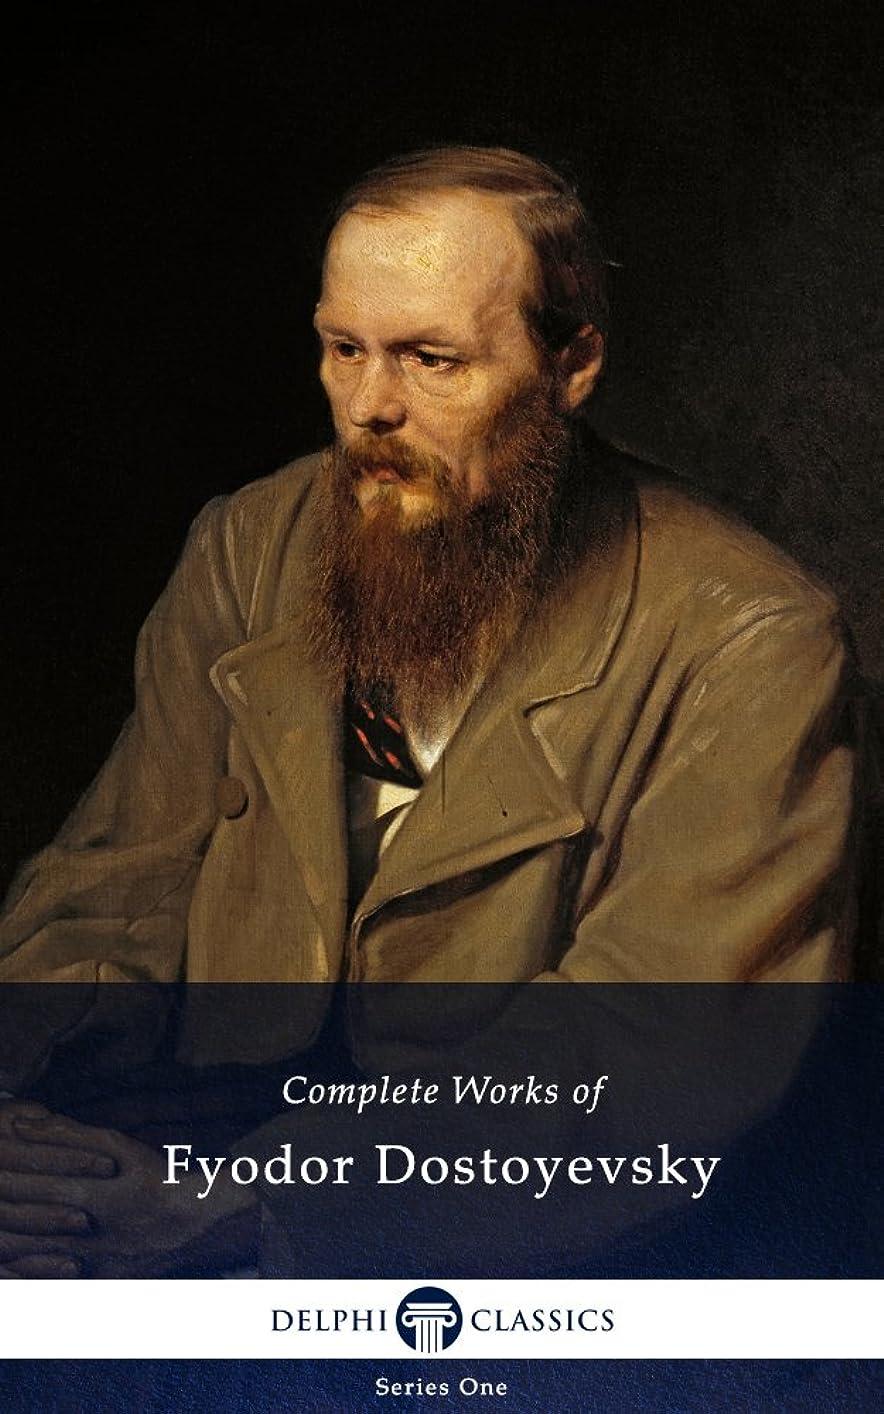 アクチュエータスクリーチ作成するDelphi Complete Works of Fyodor Dostoyevsky (Illustrated) (English Edition)